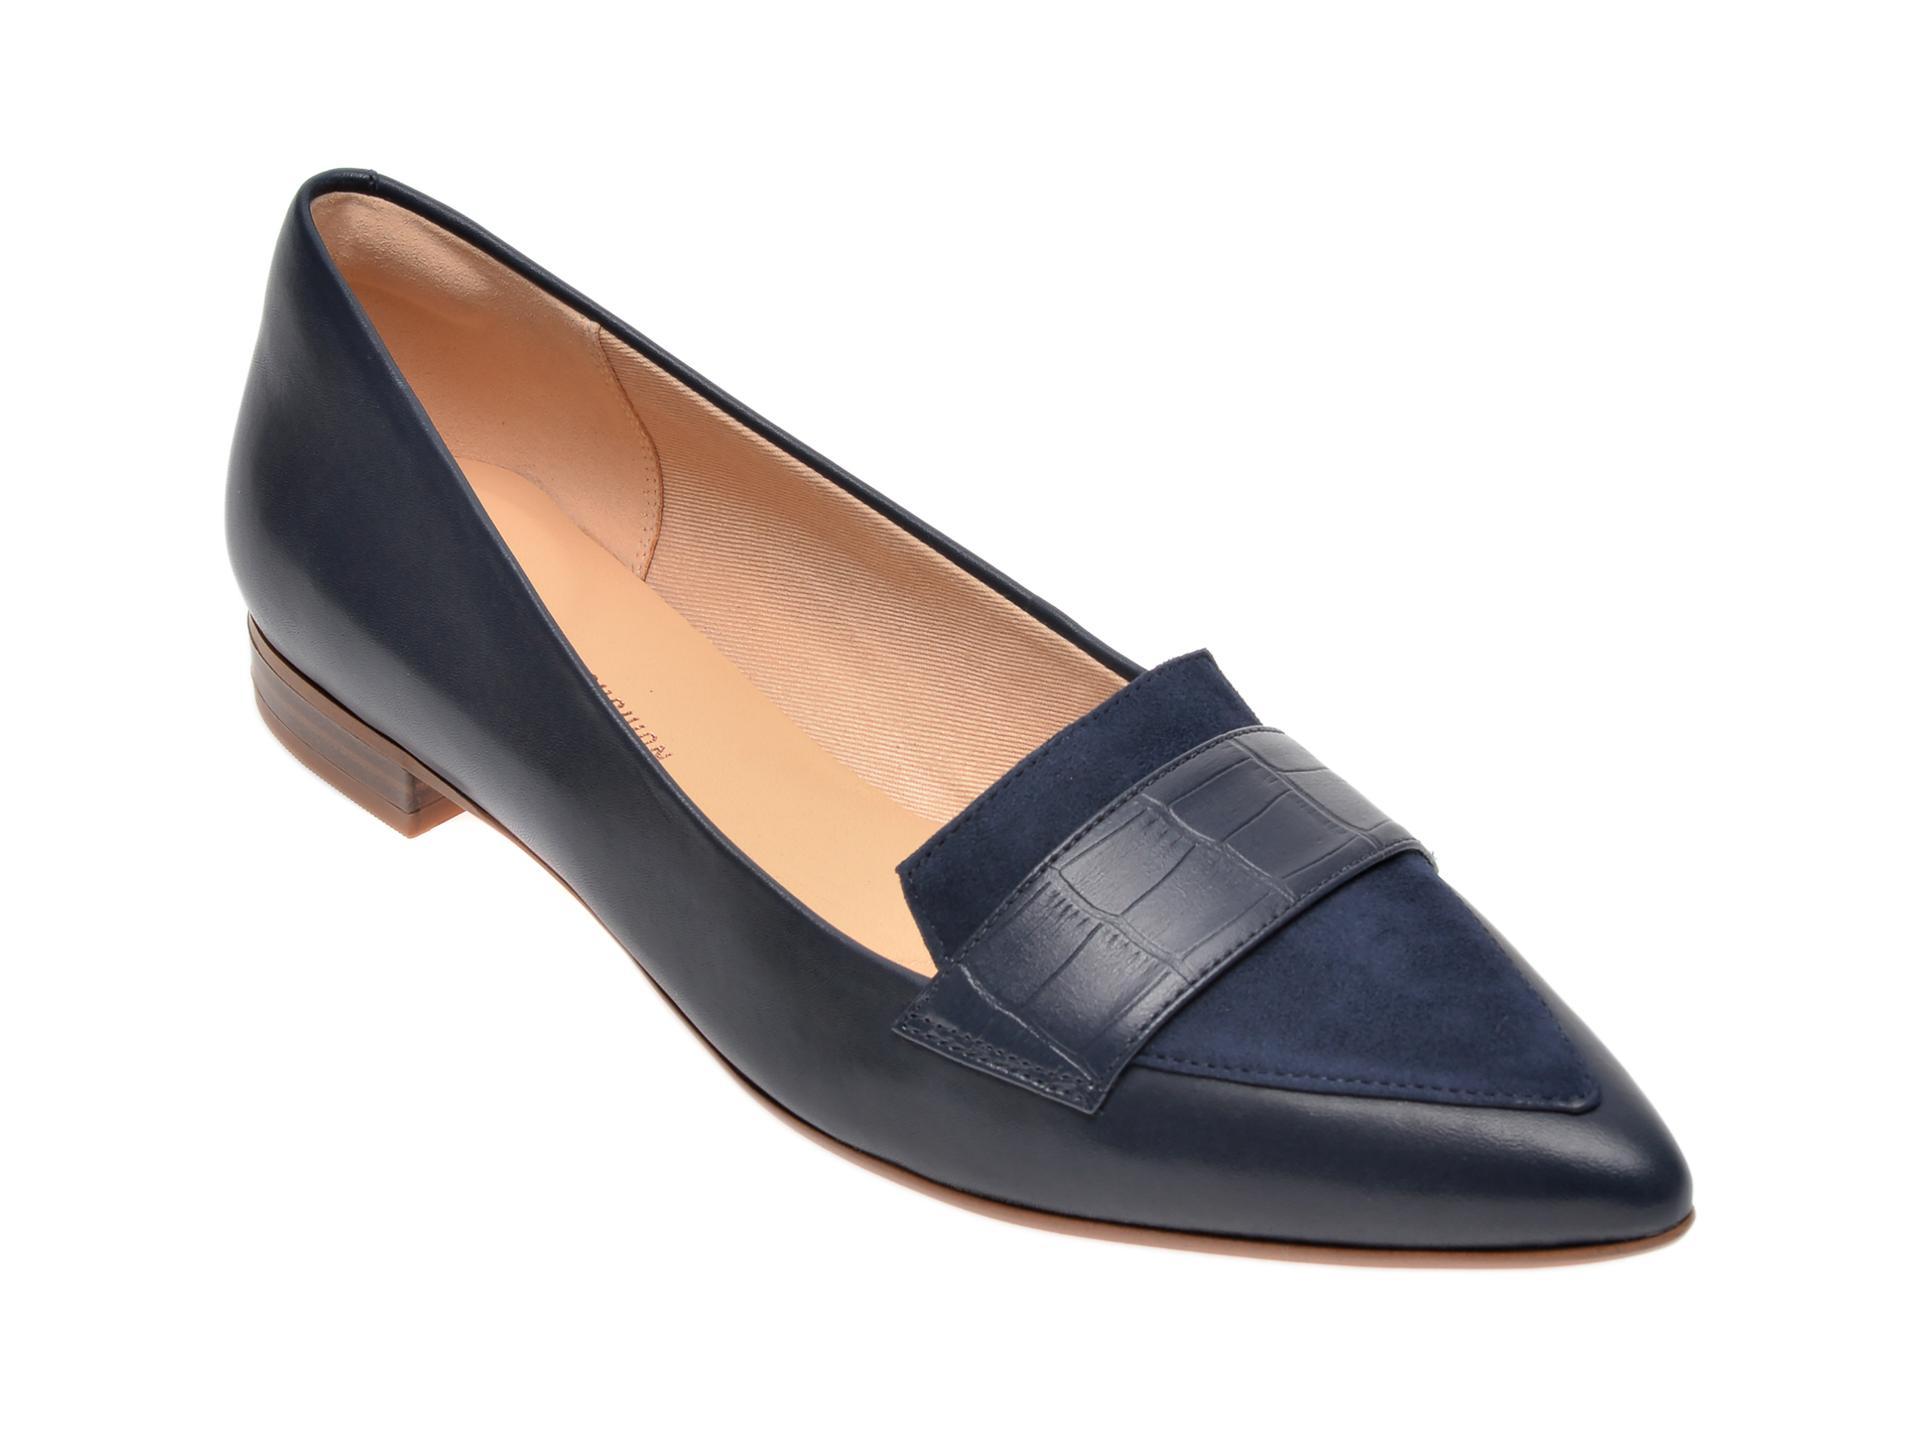 Pantofi CLARKS bleumarin, Laina15 Loafer, din piele naturala